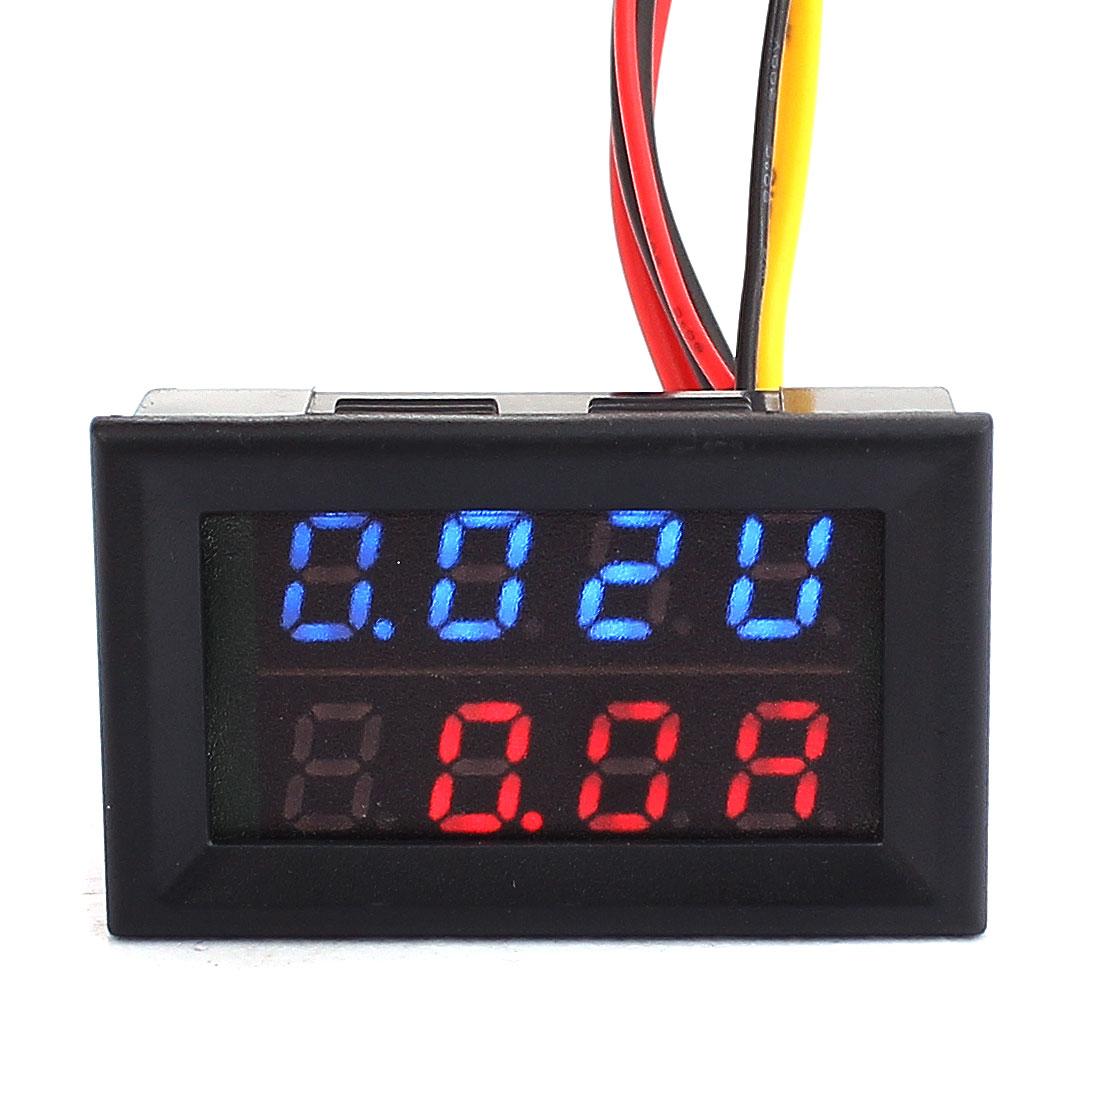 DC 0-300V 0-100A Blue Red LED Dual Digital Display Panel Voltmeter Ammeter Meter